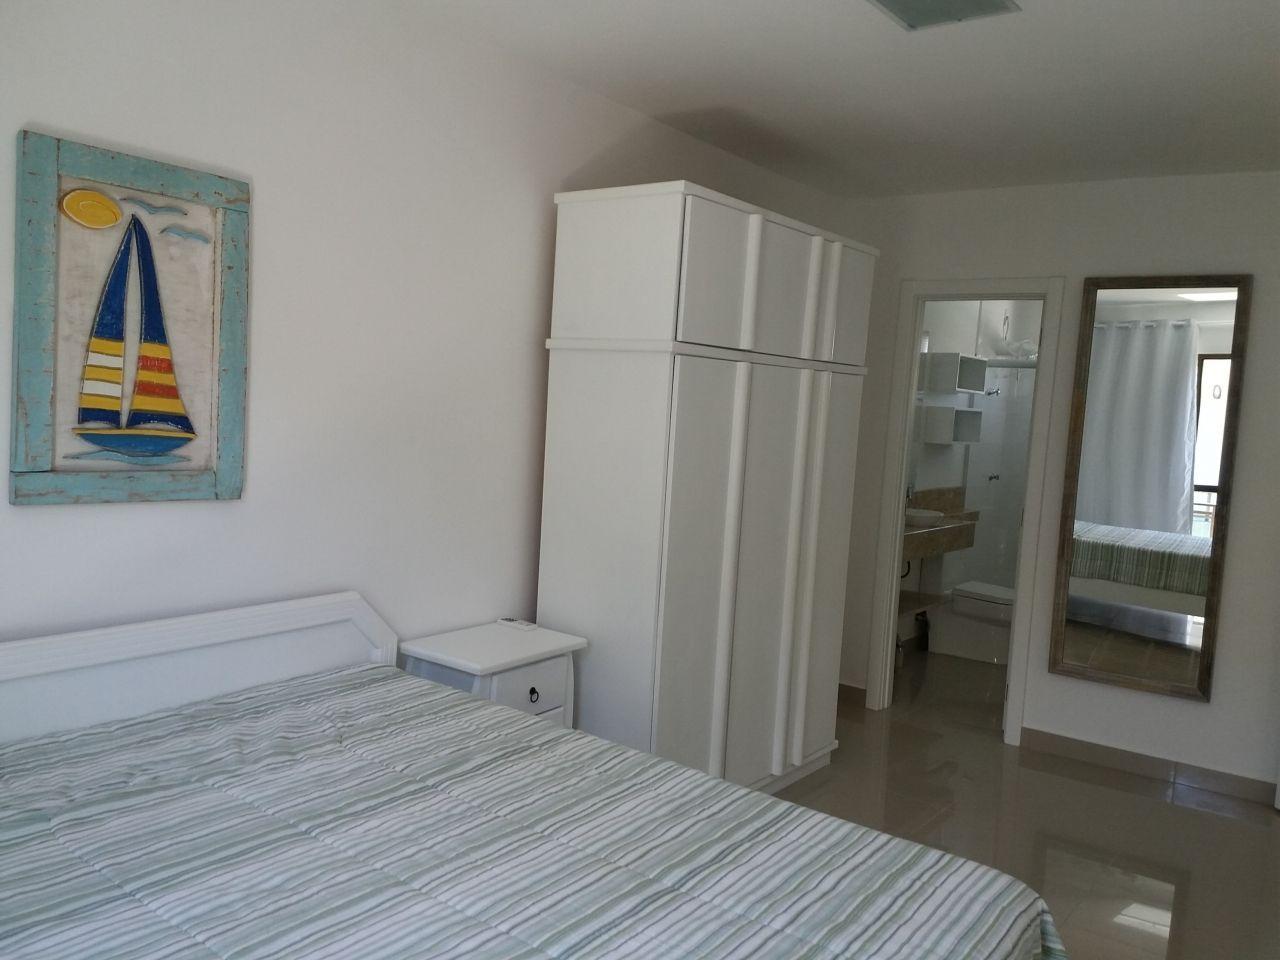 Sobrado com 3 Dormitórios para alugar, 99 m² por R$ 750,00